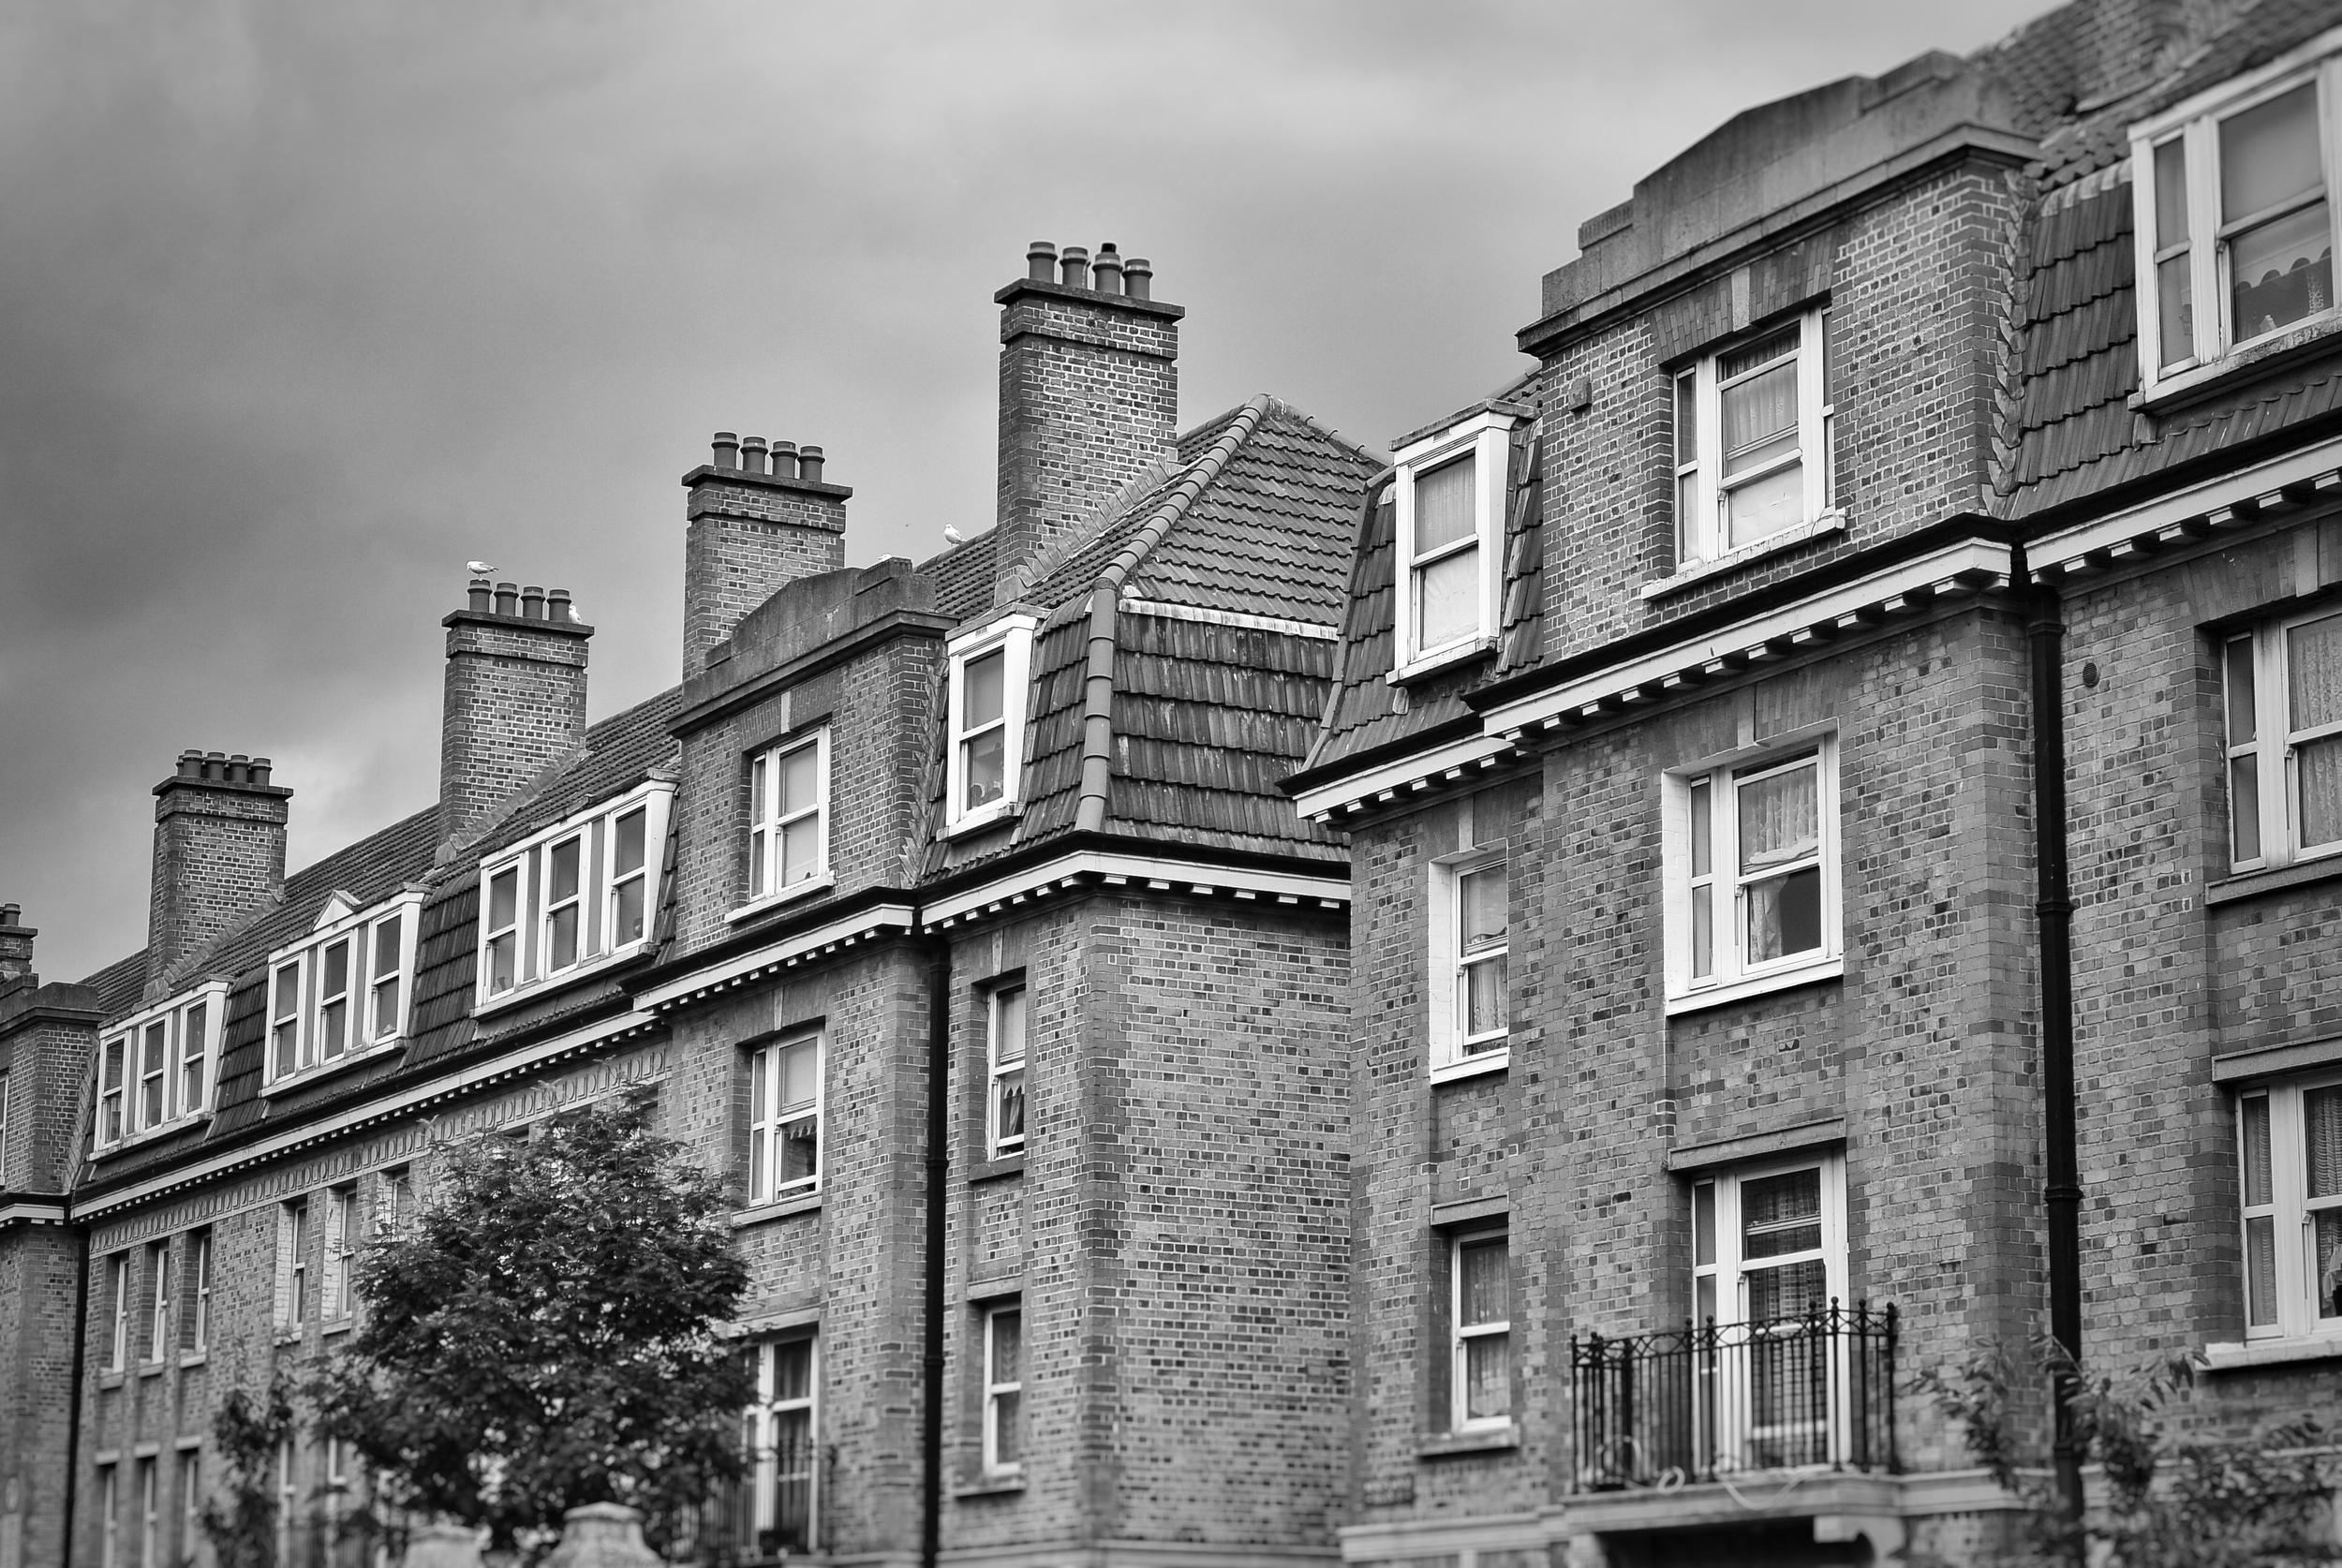 Dublin residential area